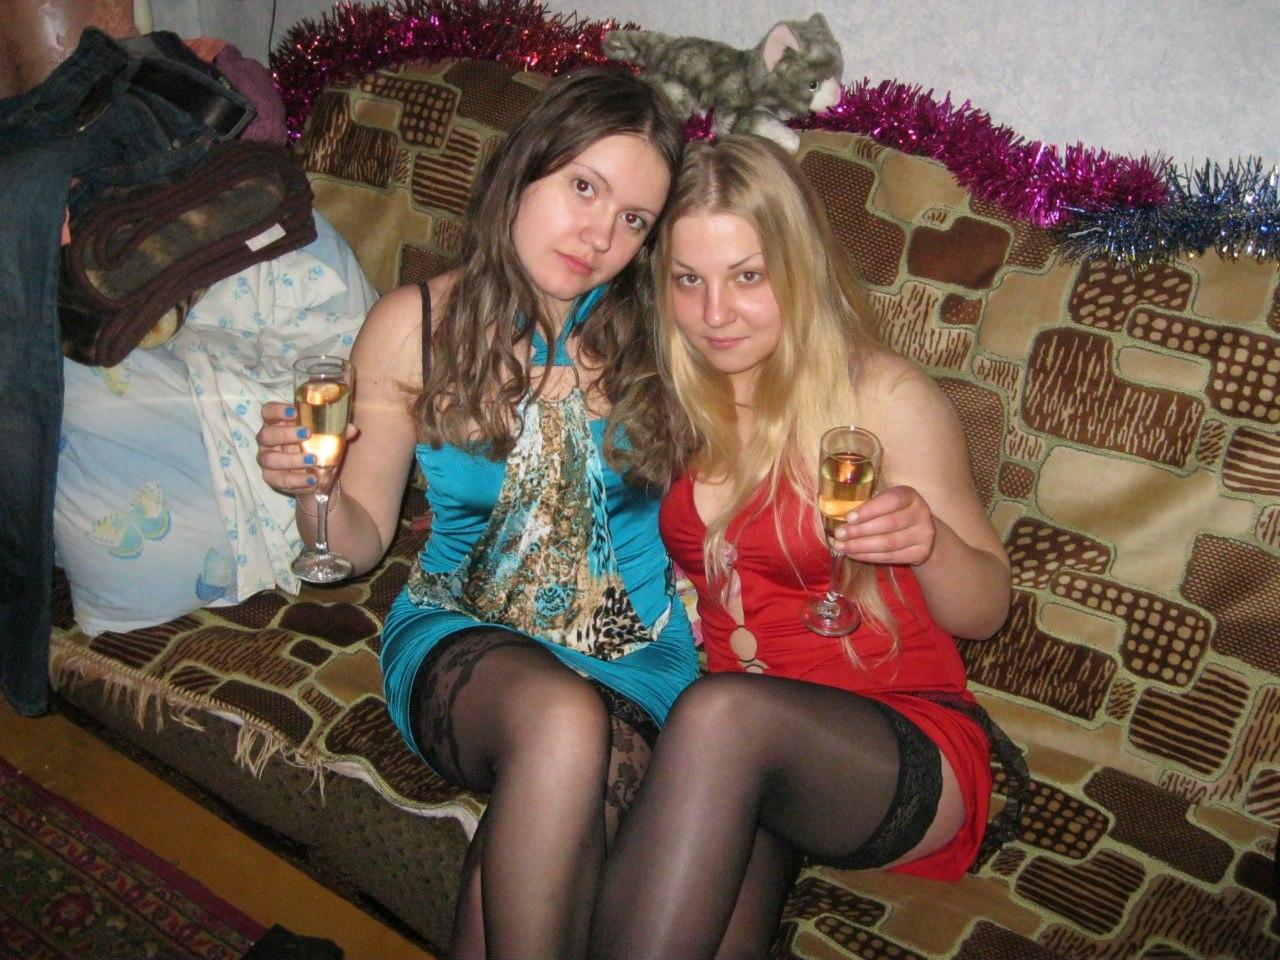 Русские пьяные бабы фото, Пьяные голые девушки на фото - обнаженные 10 фотография